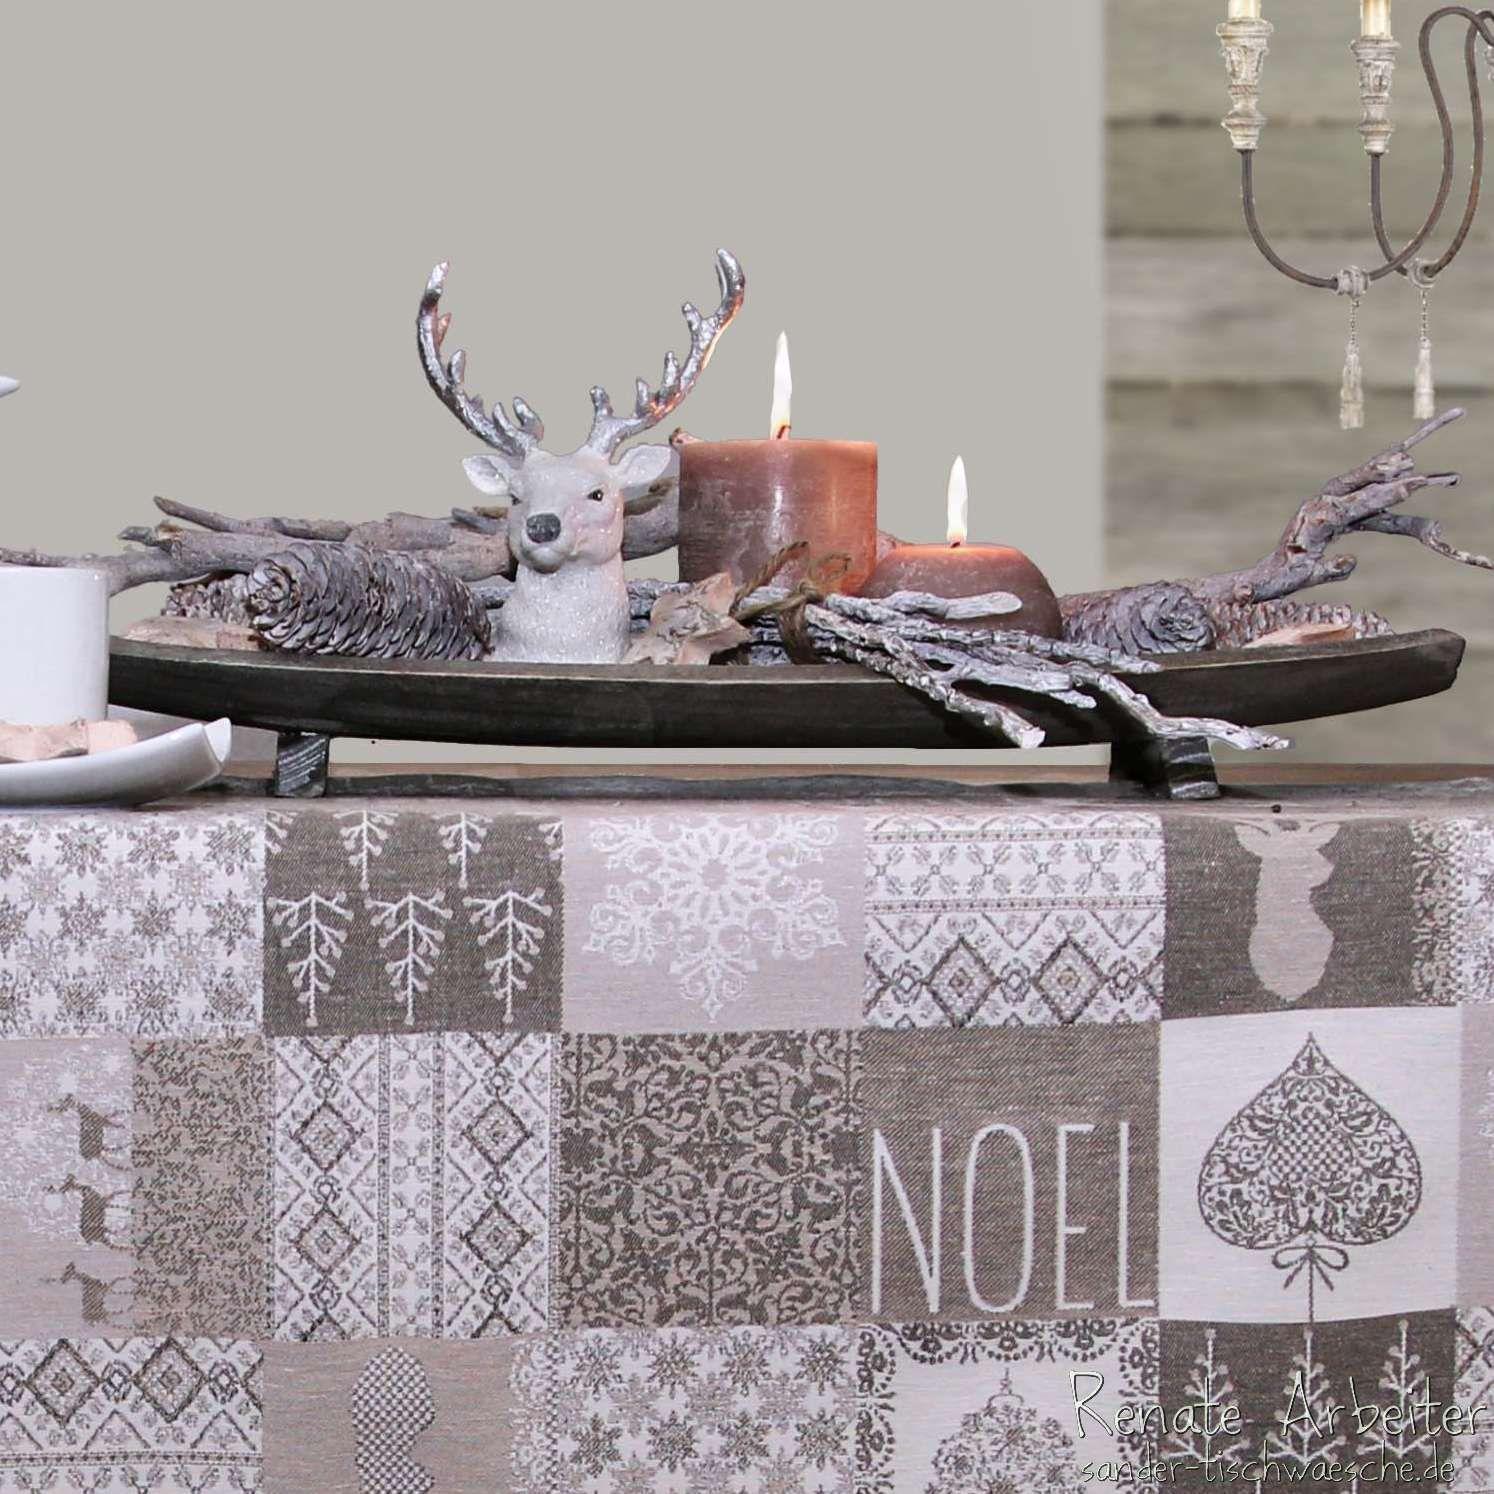 rustikale holzschale mit hirsch holz und gebleichten tannenzapfen tischdecke noel von sander. Black Bedroom Furniture Sets. Home Design Ideas